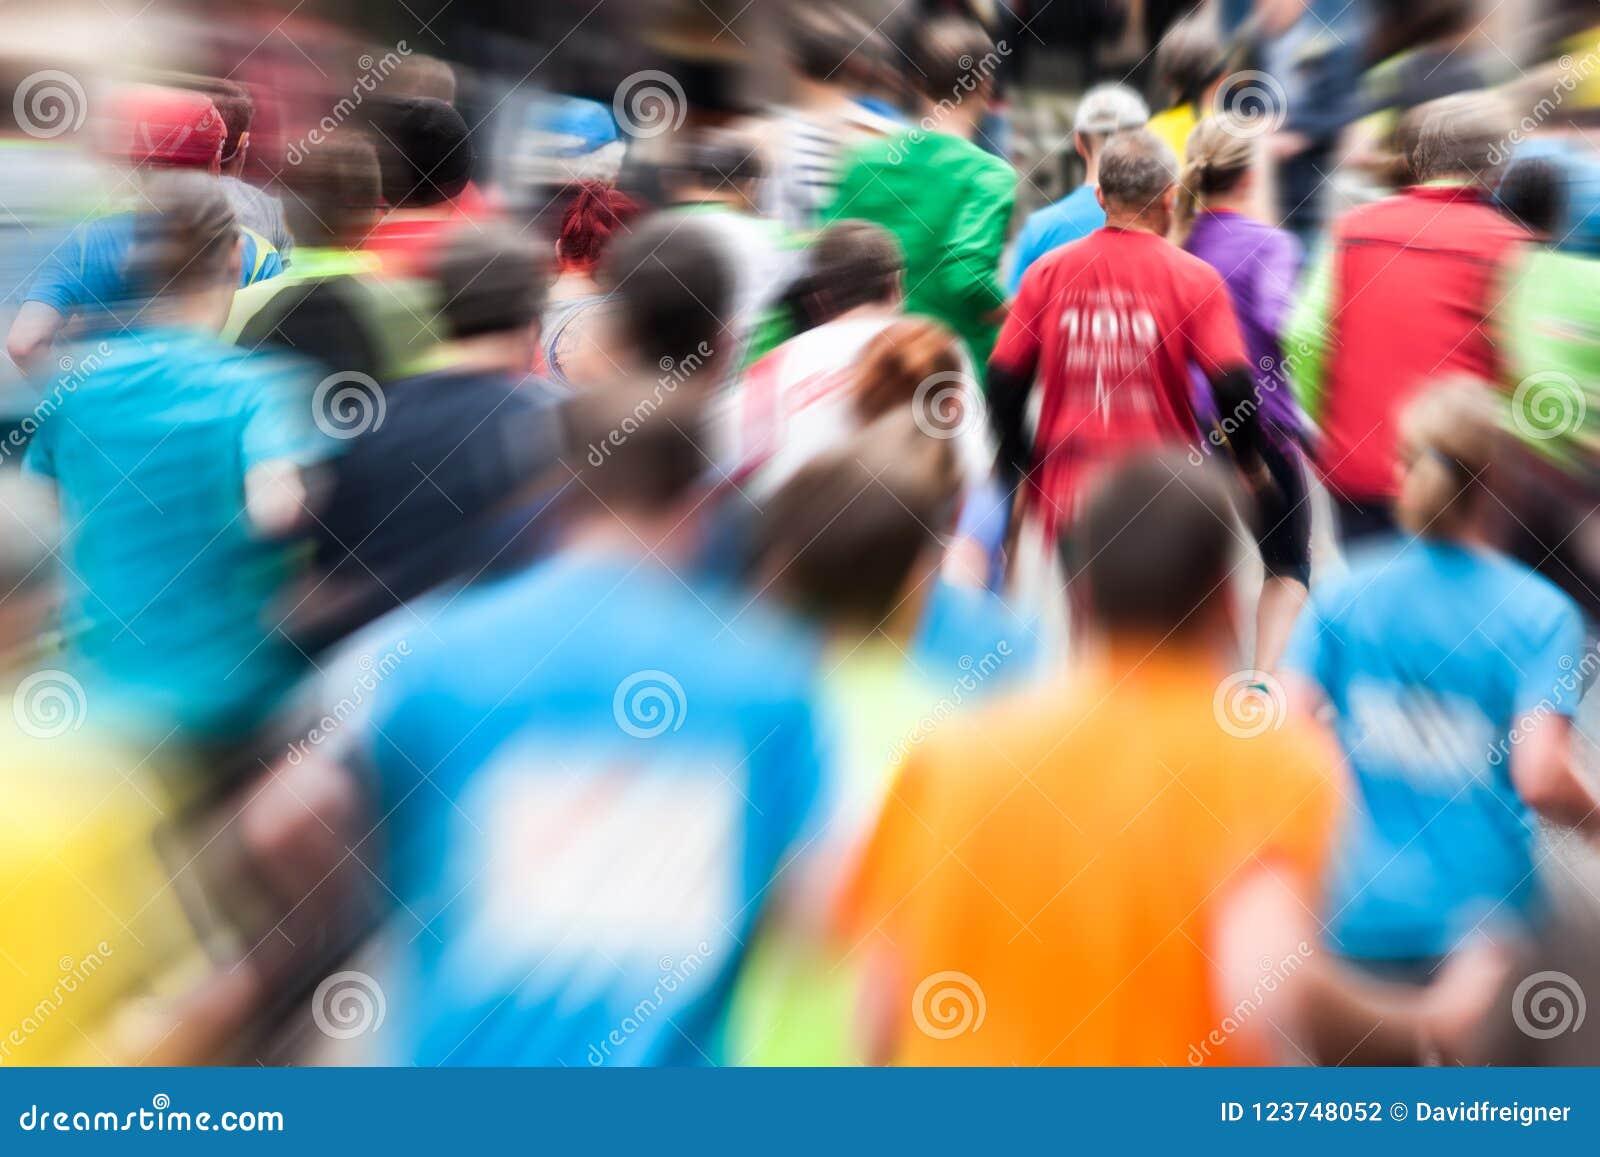 Różni biegacze przy maratonem od behind